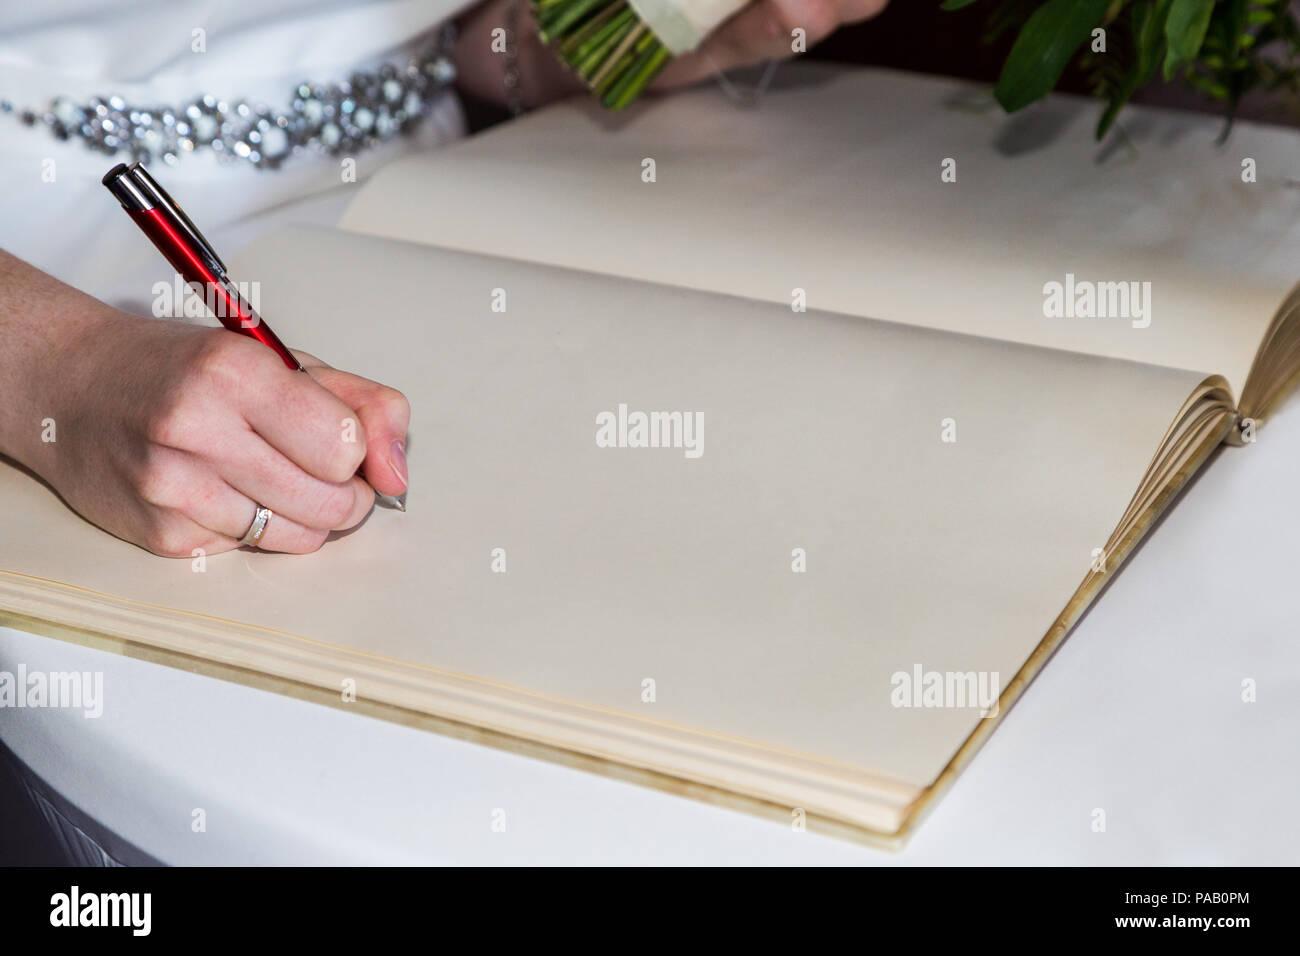 La cerimonia nuziale. Sposa segni segni nel libro di registrazione Immagini Stock